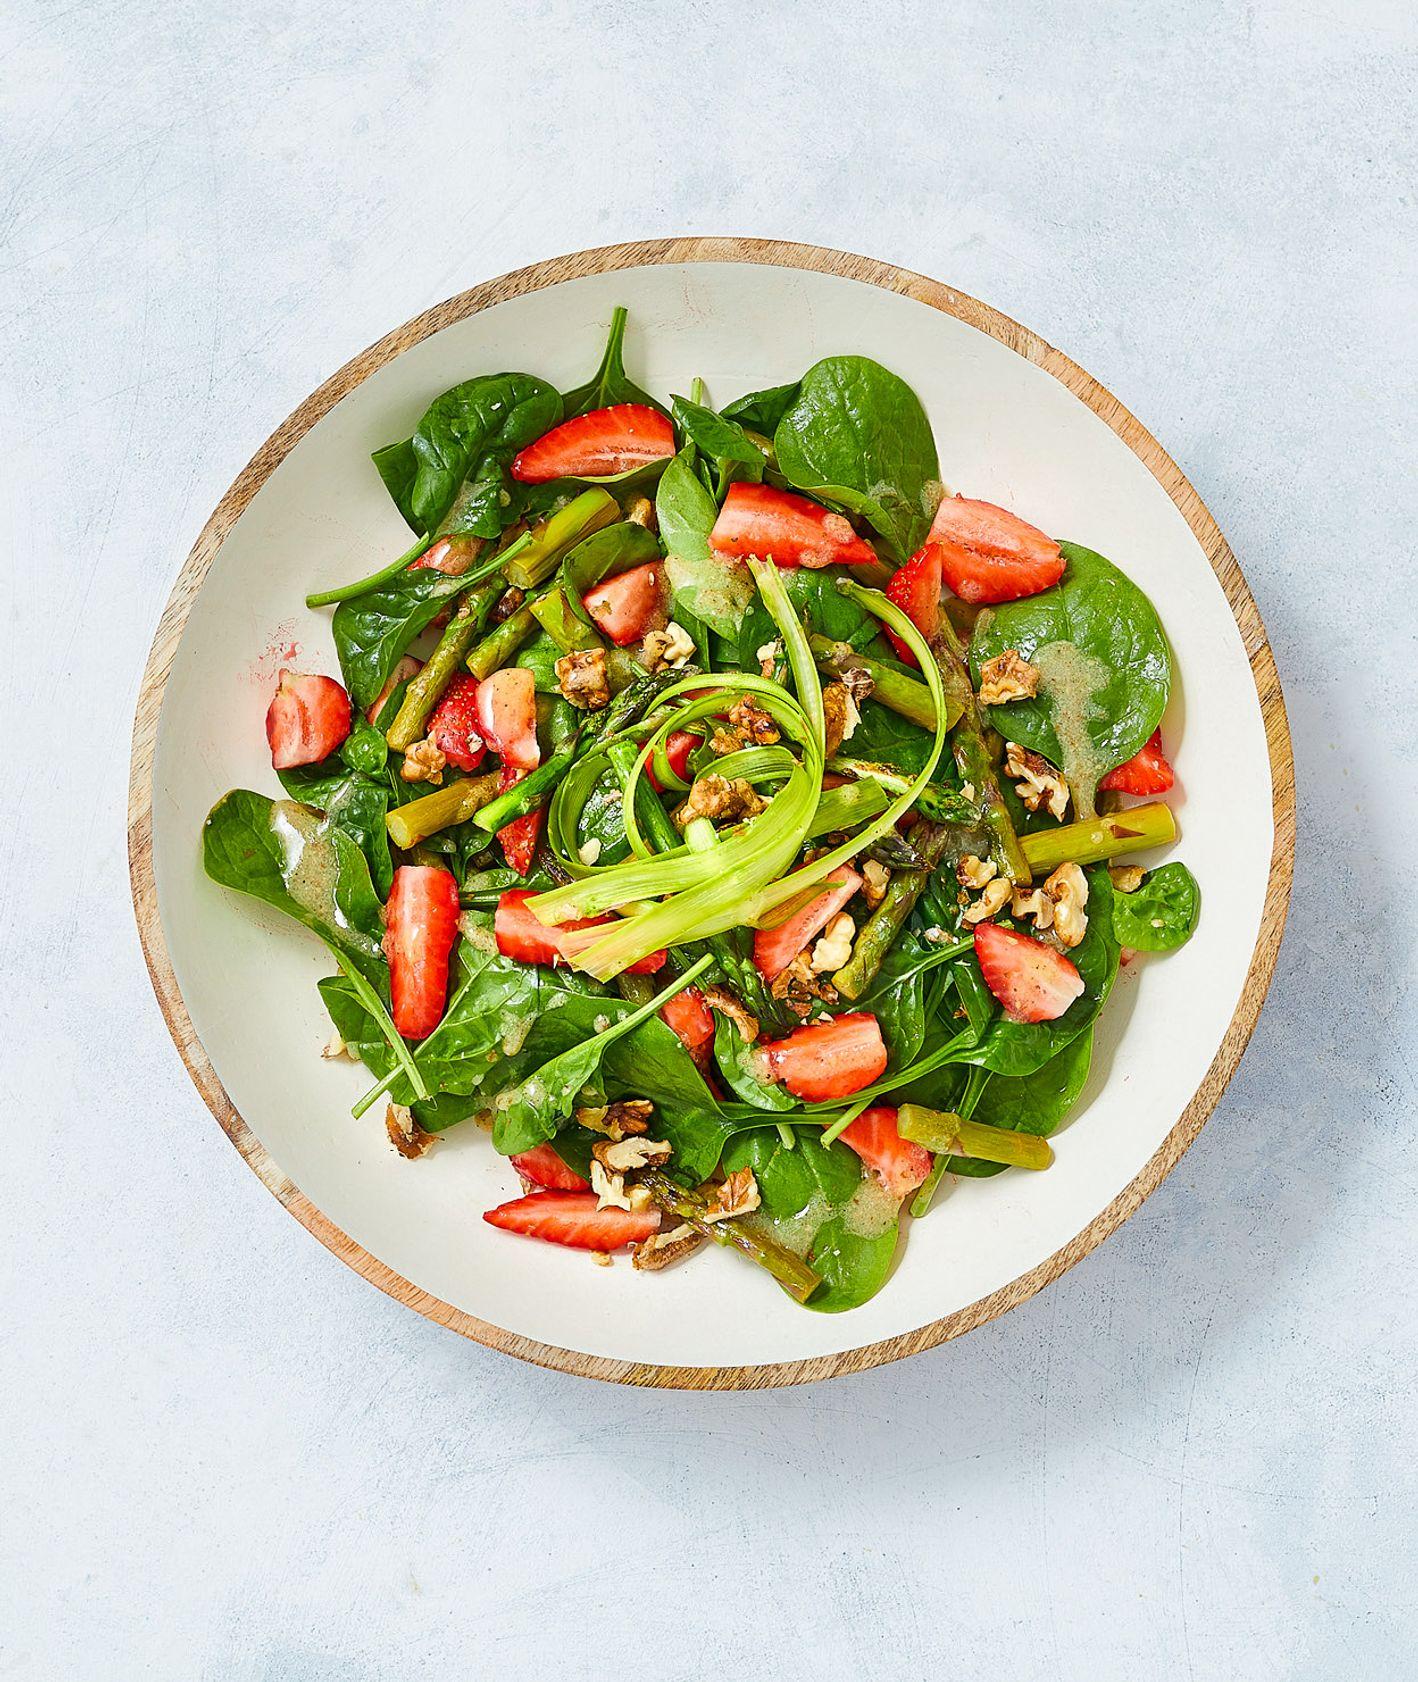 Lekka sałatka wiosennna z zieolnych szparagów ze szpinakiem baby i świeżymi truskawkami posypana orzechami włoskimi, podana z sosem vinegrette miodowo-musztardowym